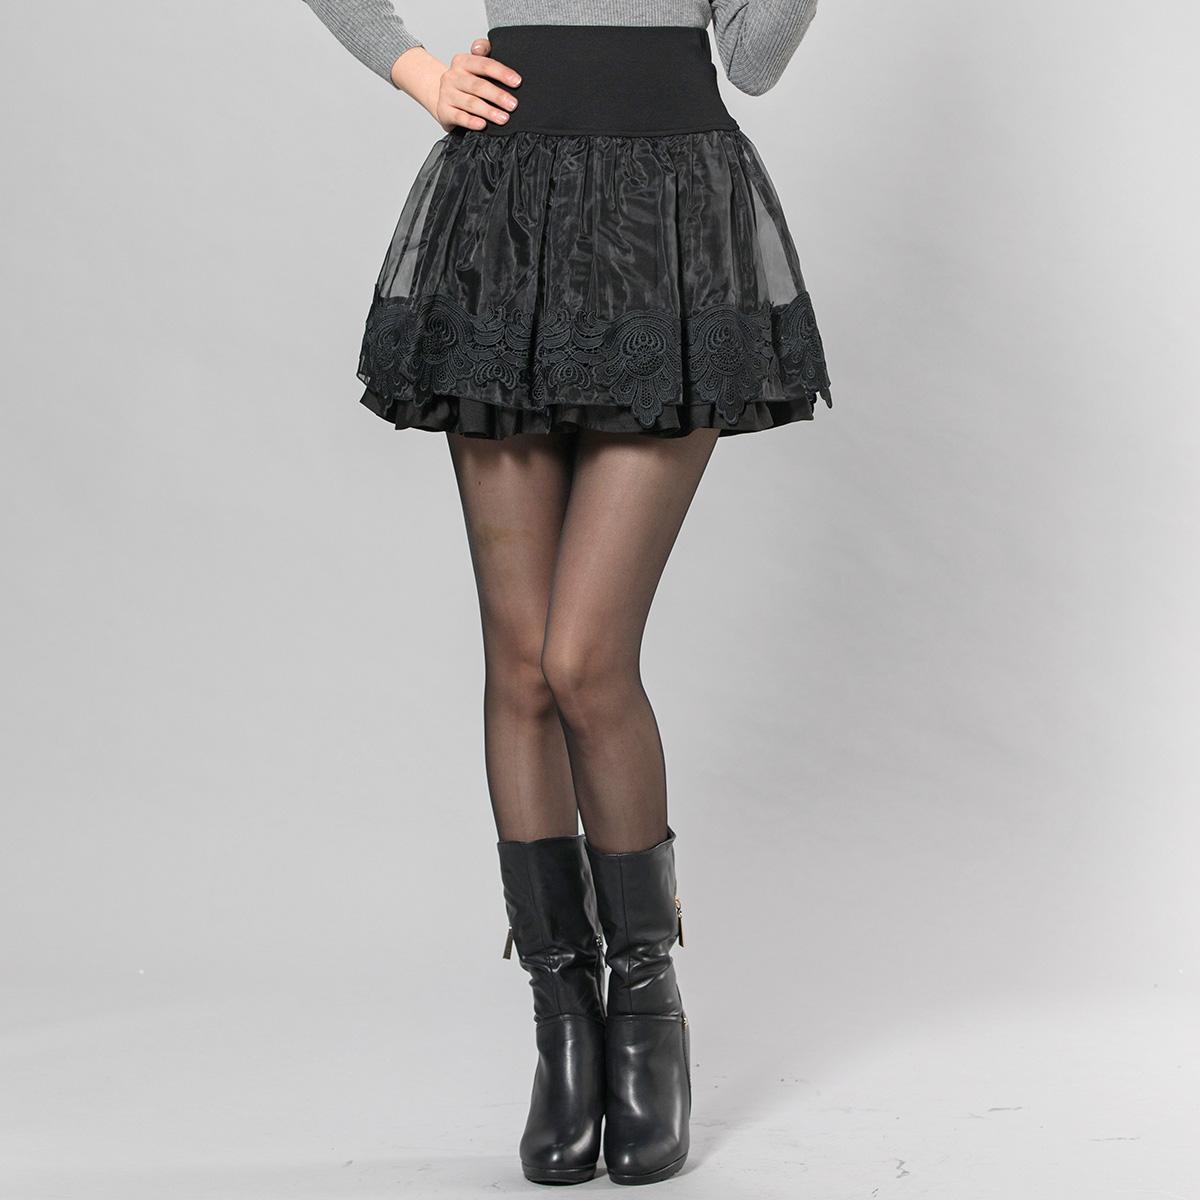 欧根纱短裙冬